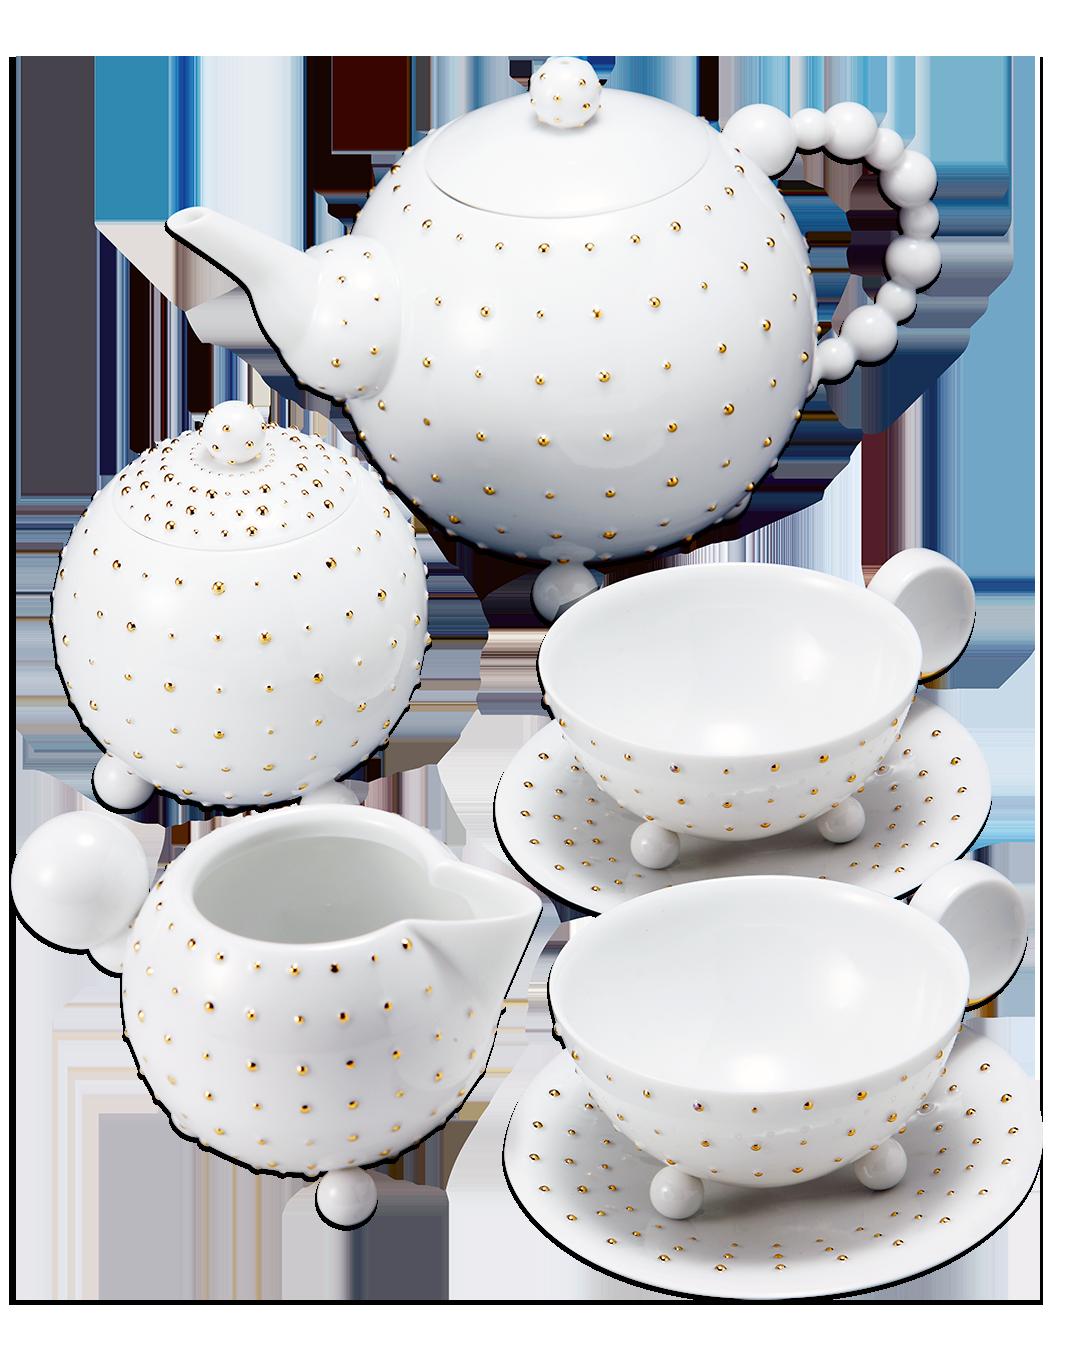 圓圓滿滿咖啡杯組 Harmony Coffee Cup Set